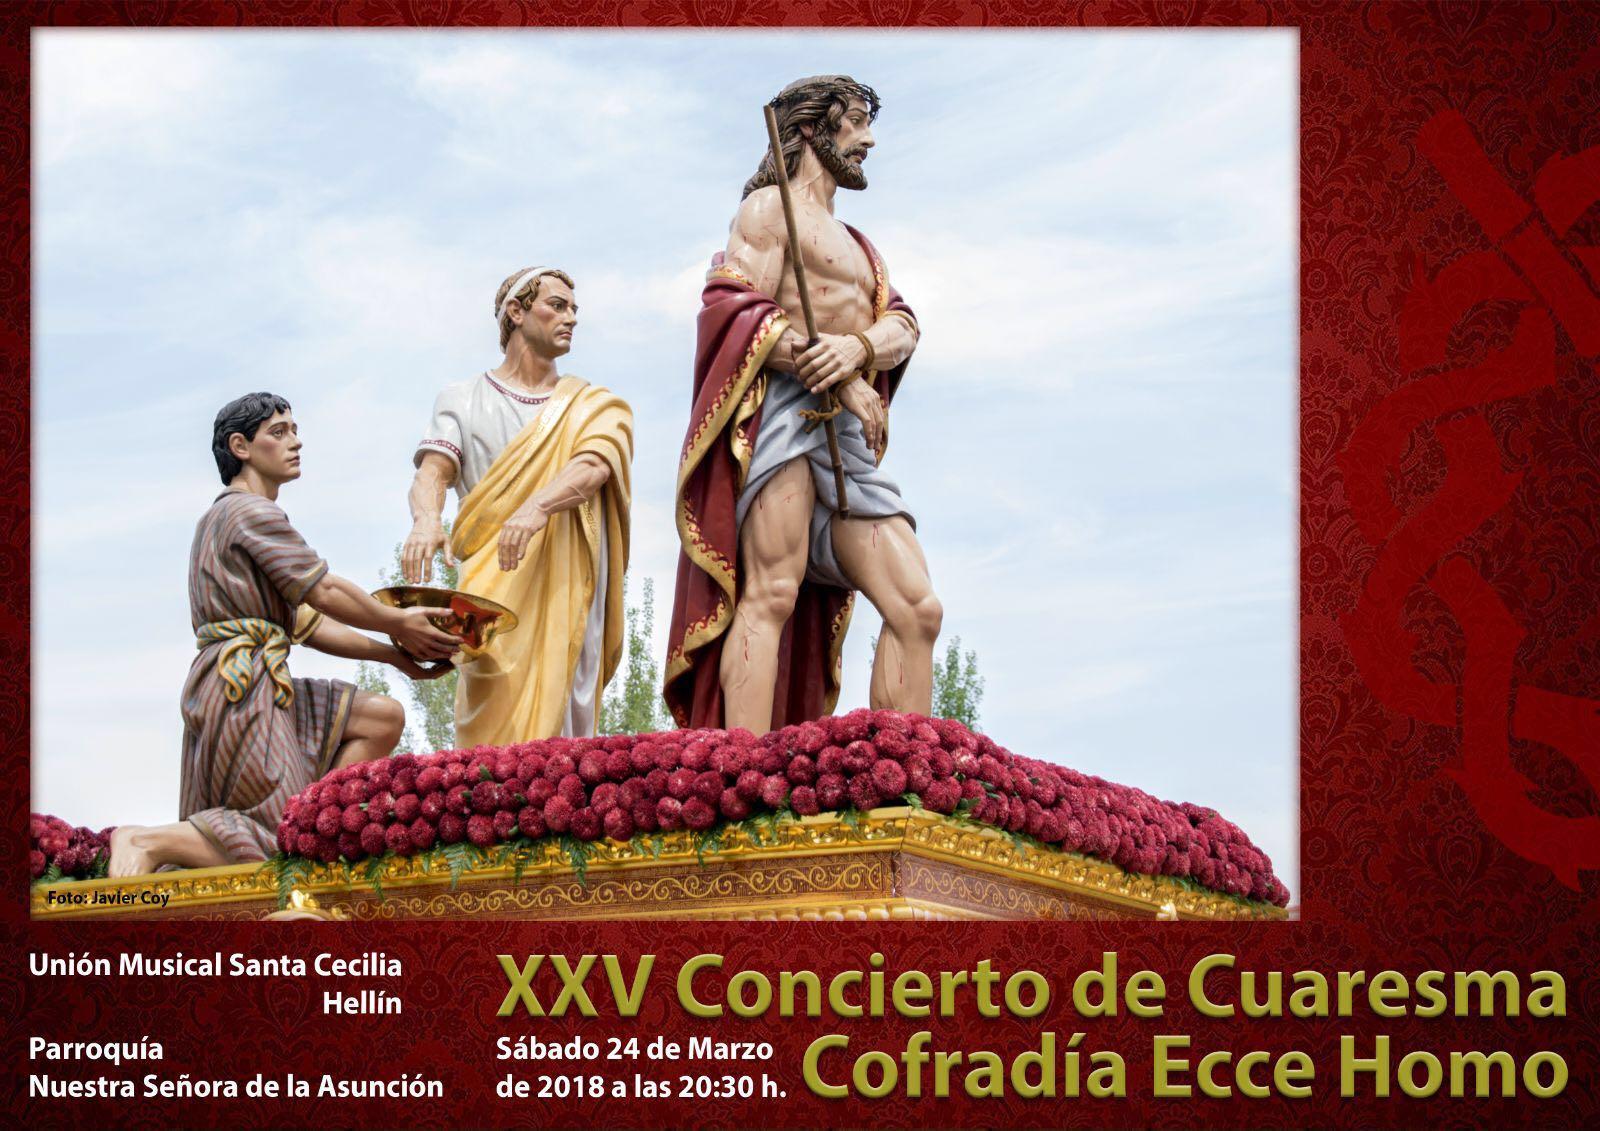 XXV Concierto Cuaresma 2018